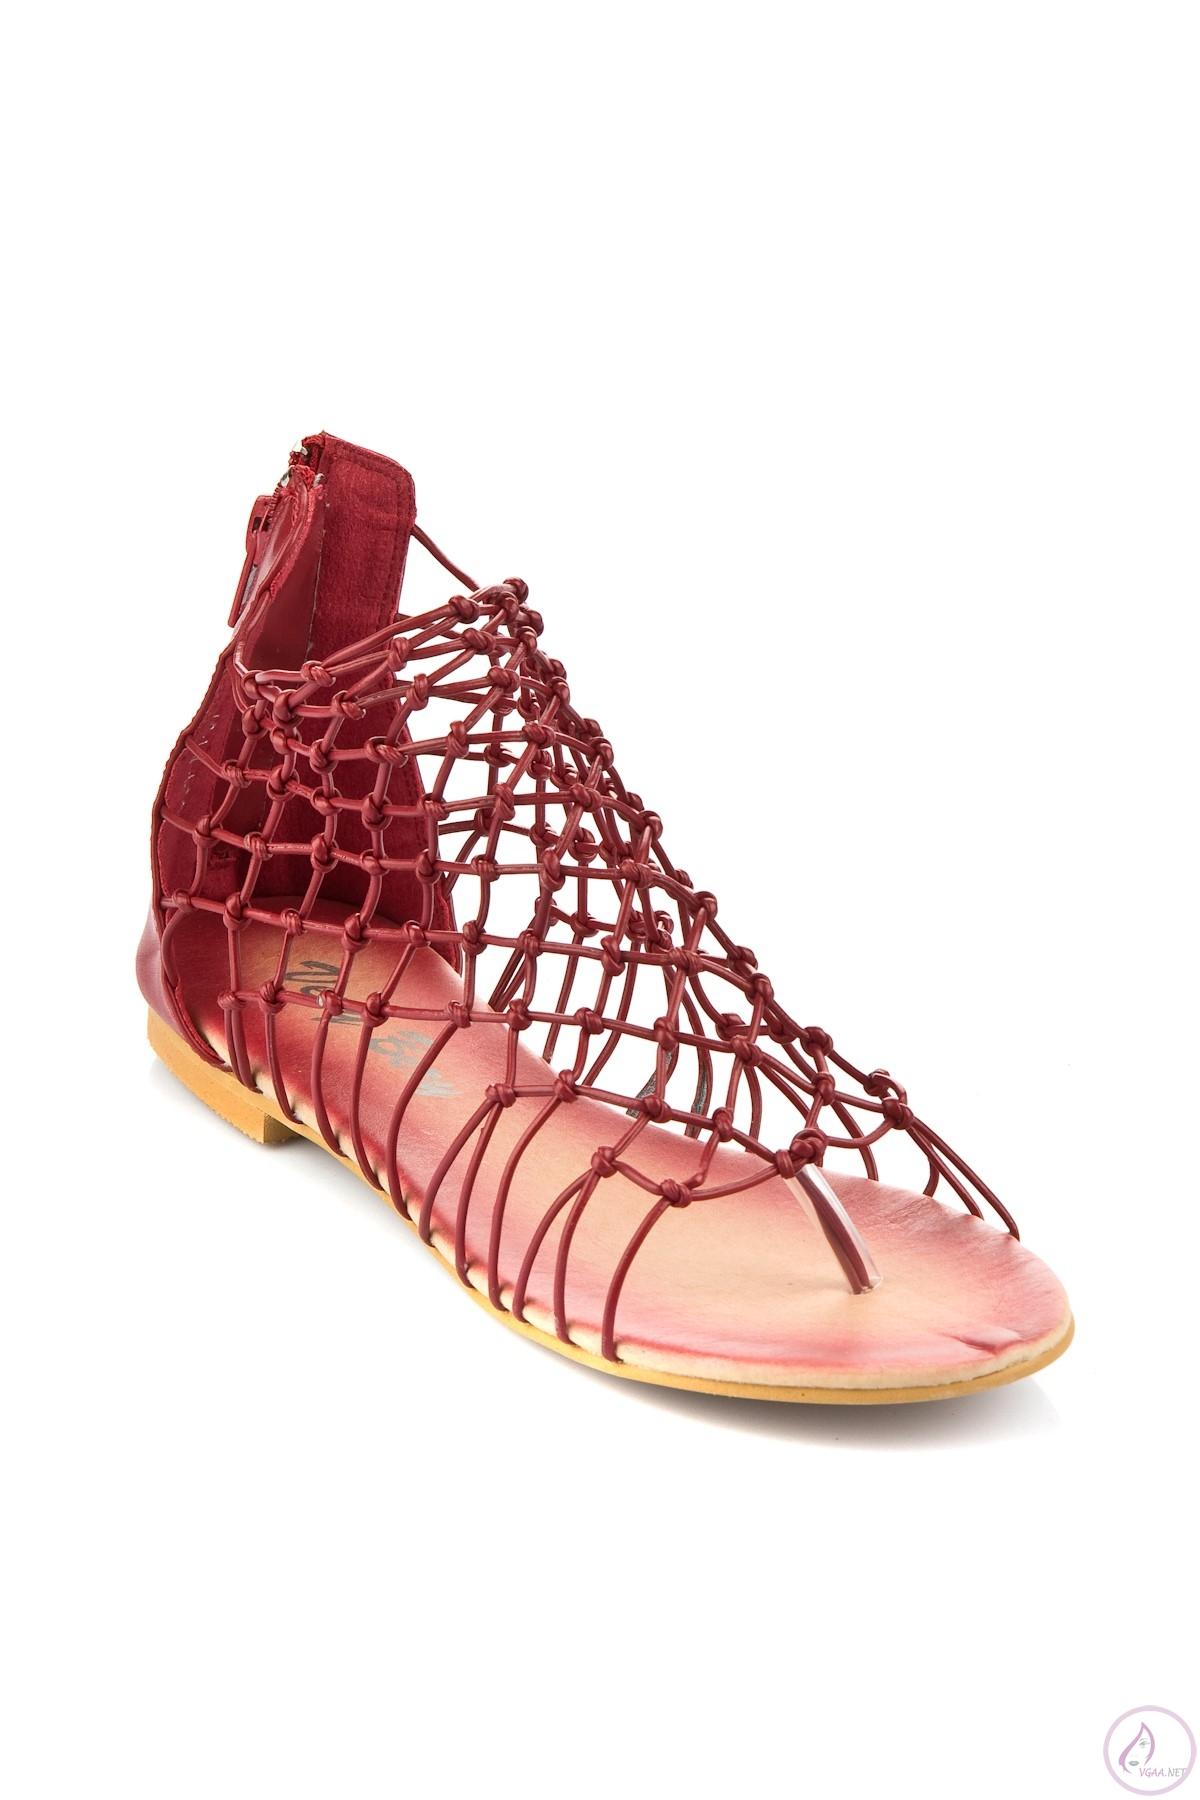 2014-sandalet-modeller-30